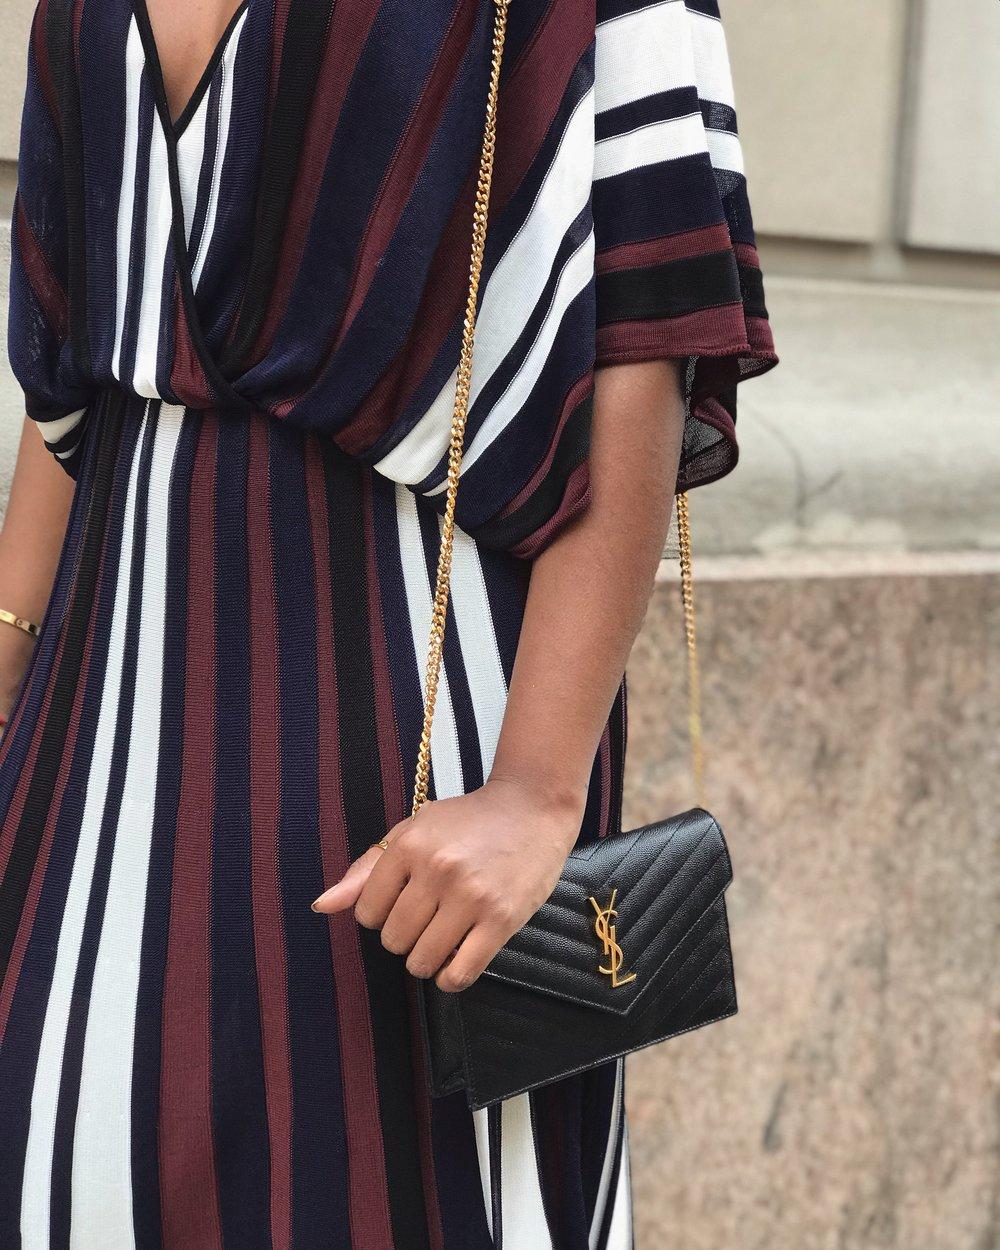 zara-stripe-dress-ysl